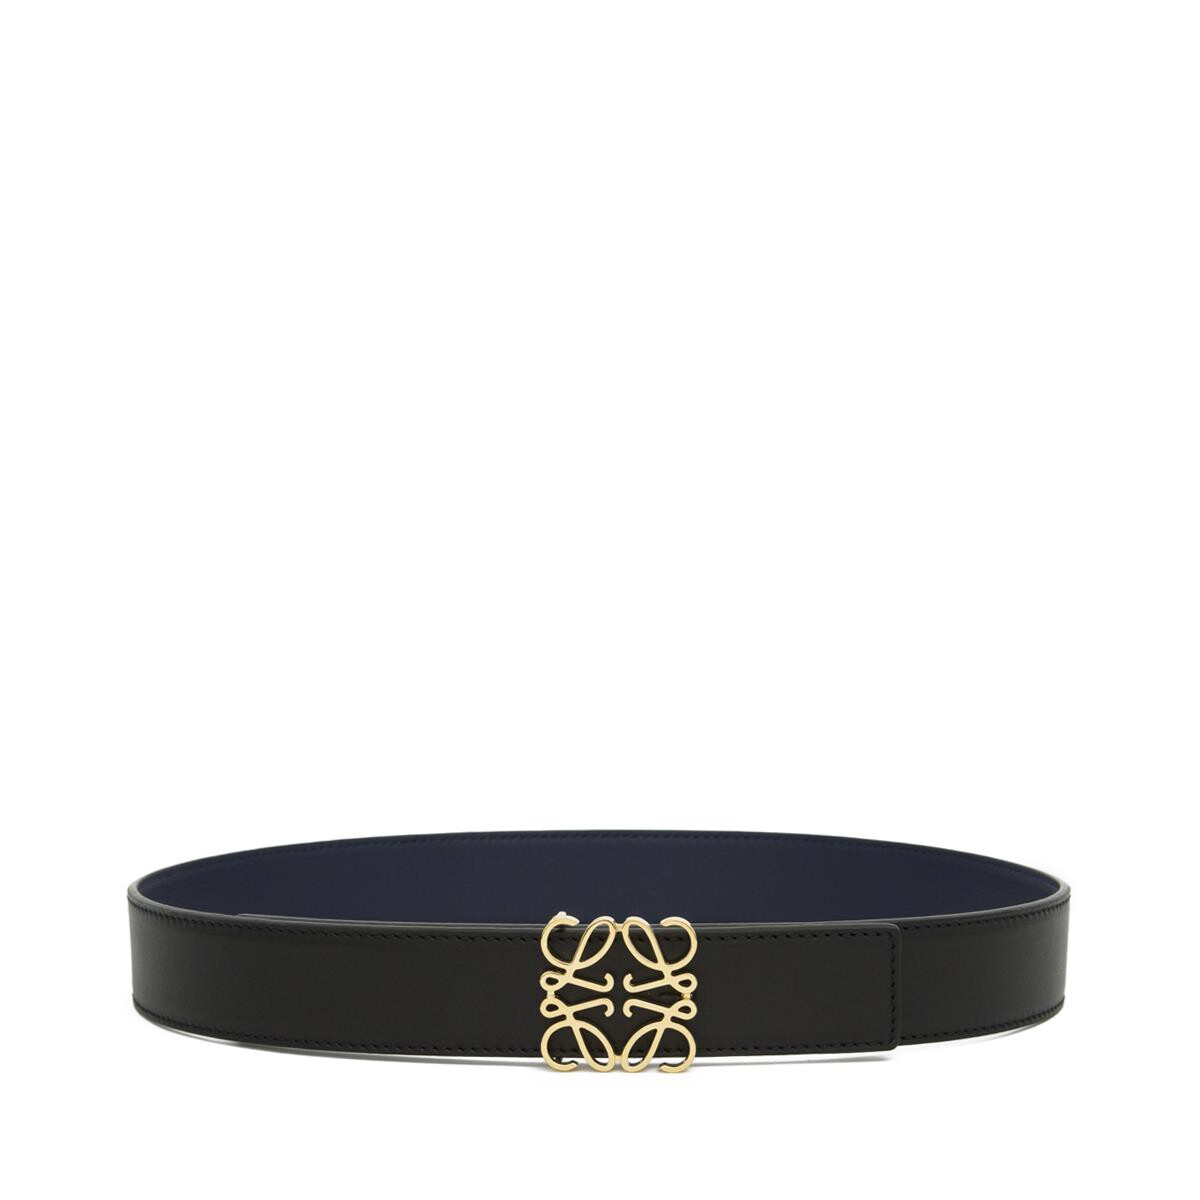 LOEWE Anagram Belt 3.2Cm Black/Navy/Gold front